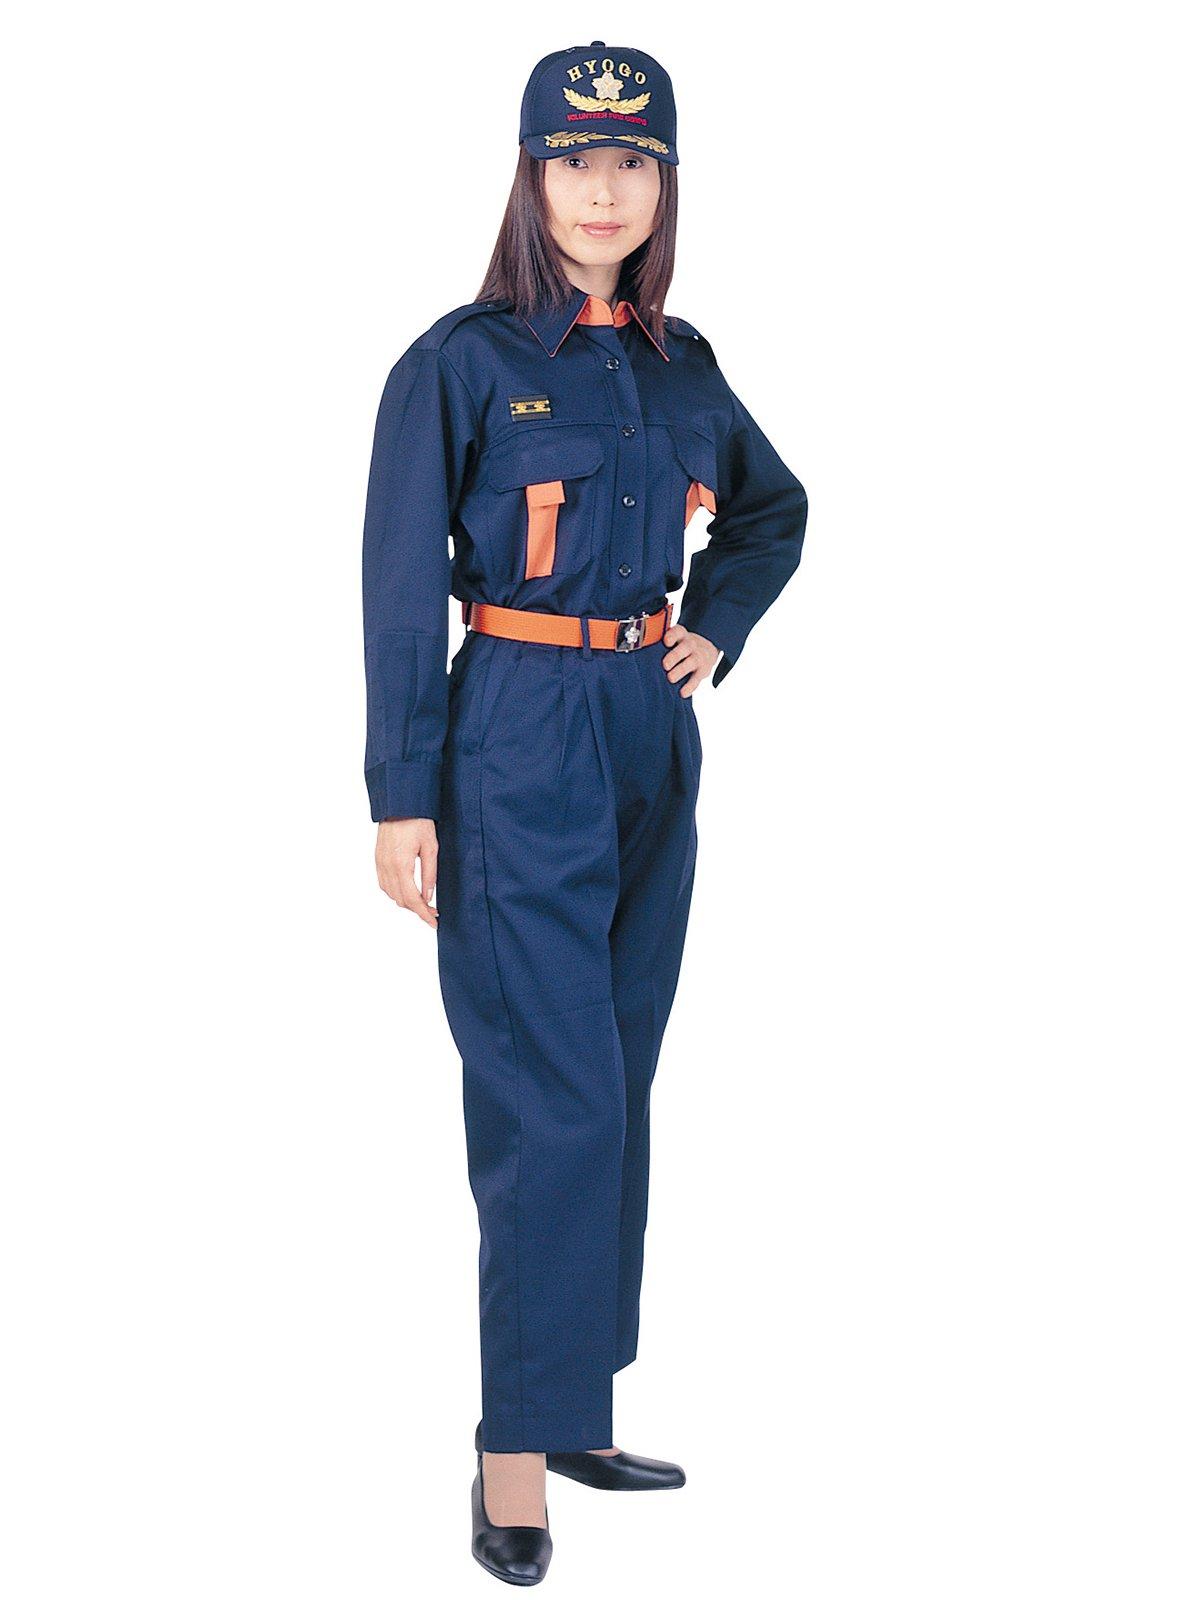 消防団員活動服 上衣 【女性用】【画像4】